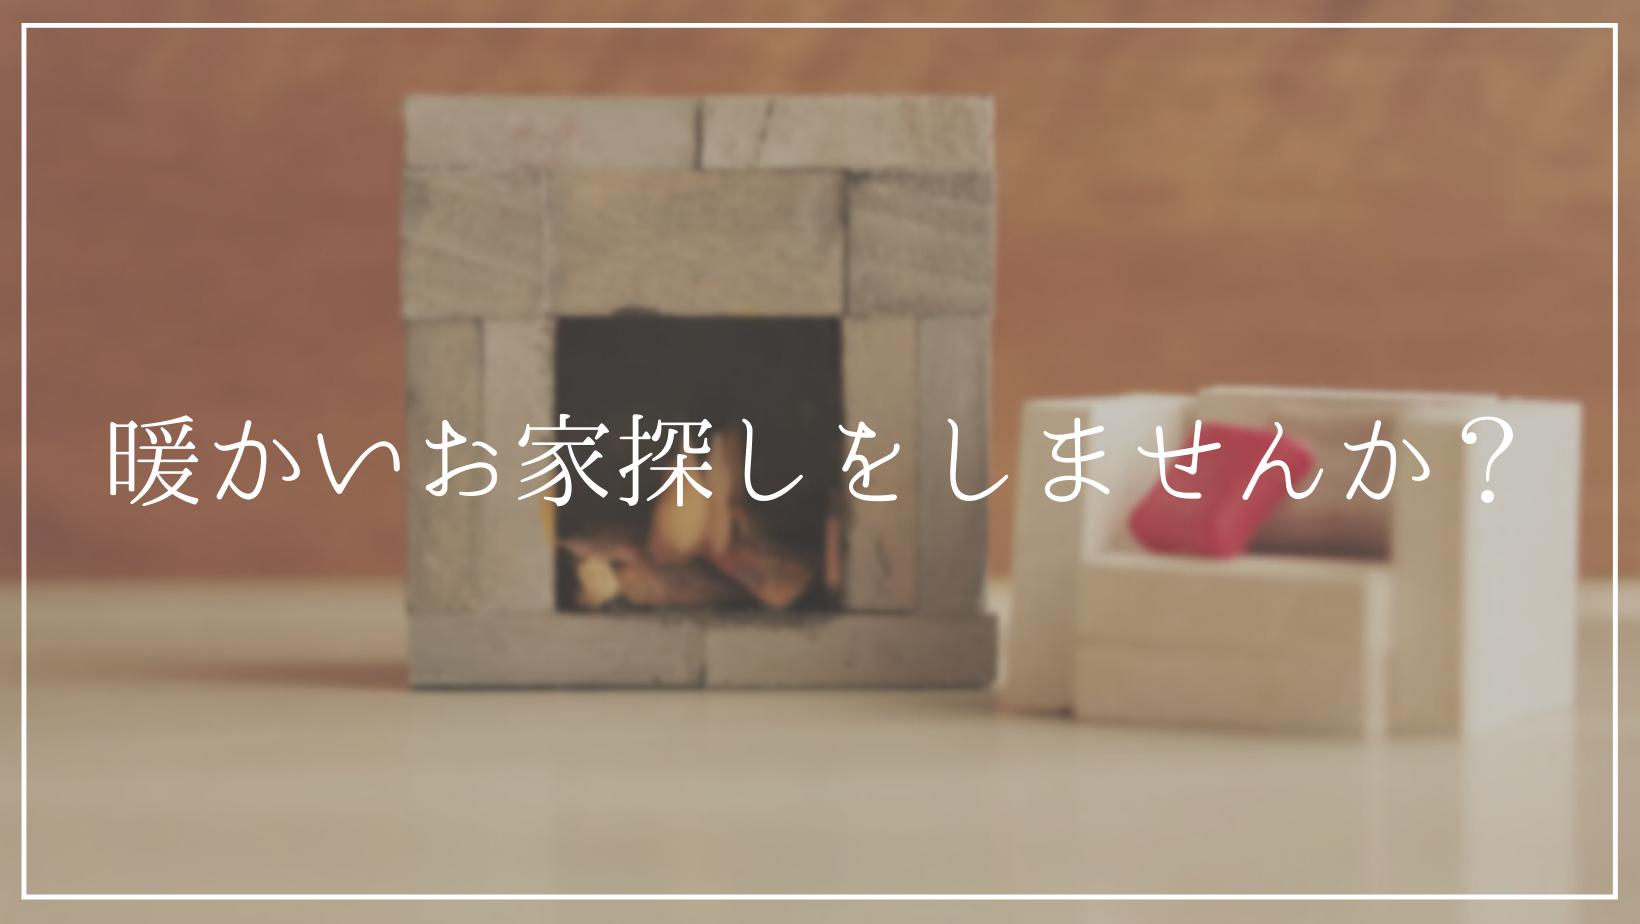 暖かいお家探しをしませんか?